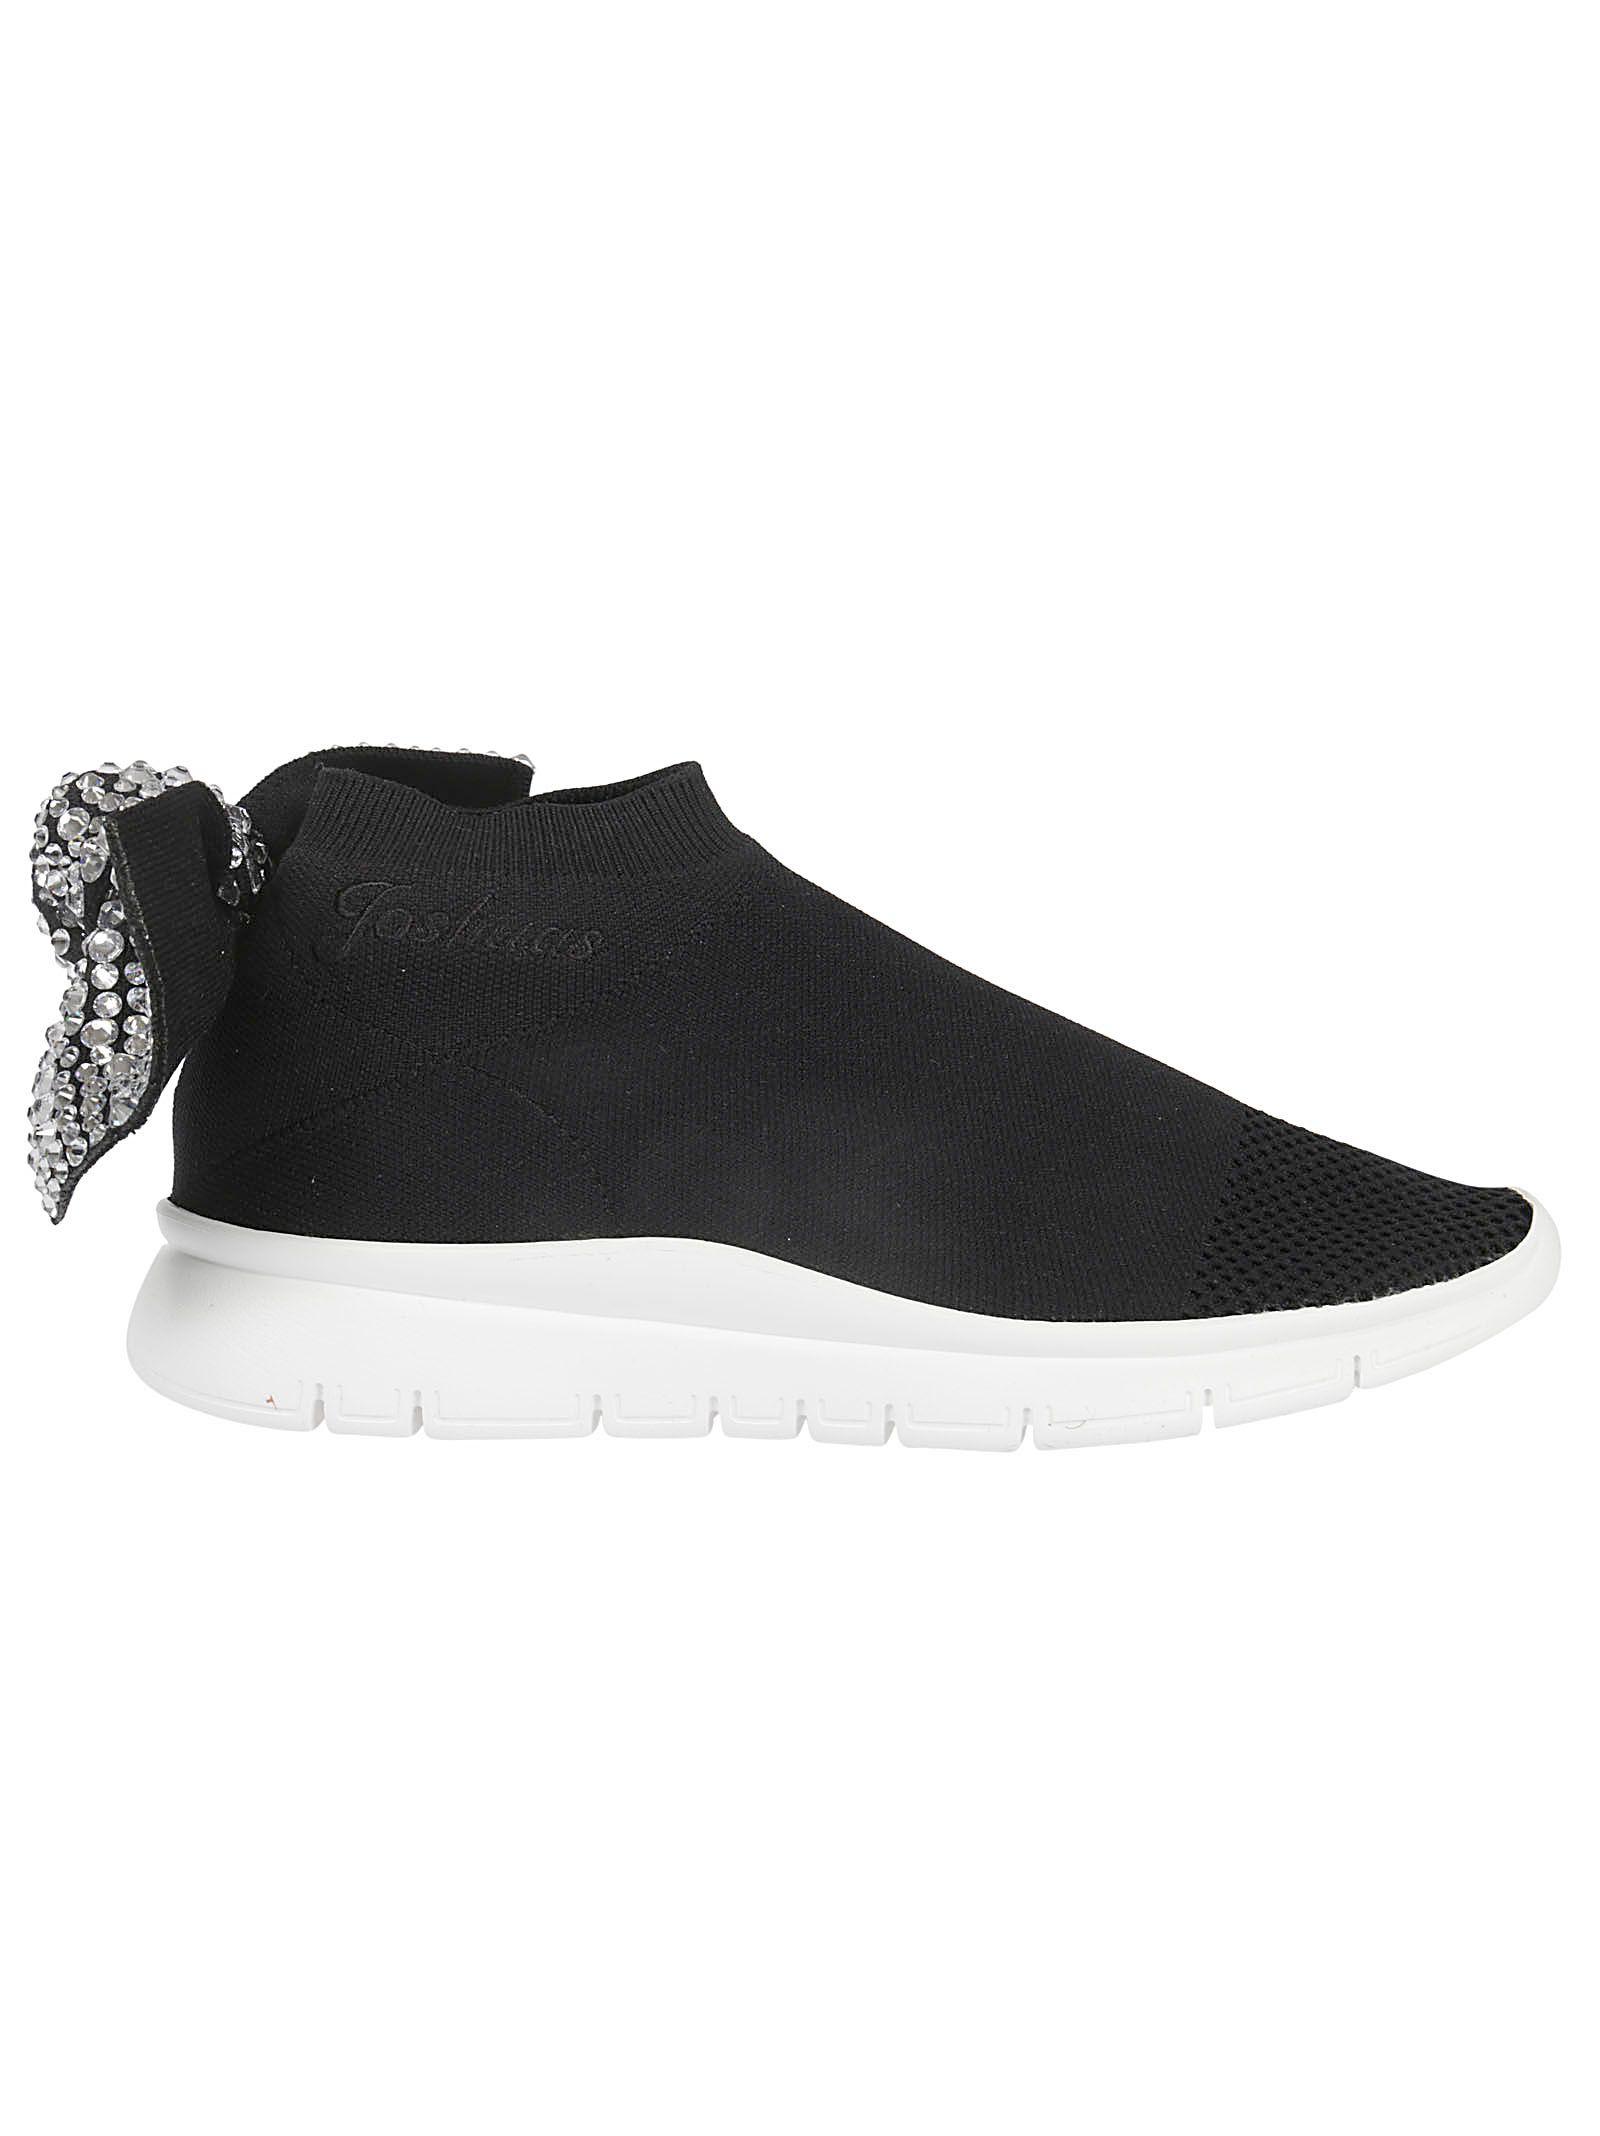 Joshua Sanders Diamond Knot Sneakers